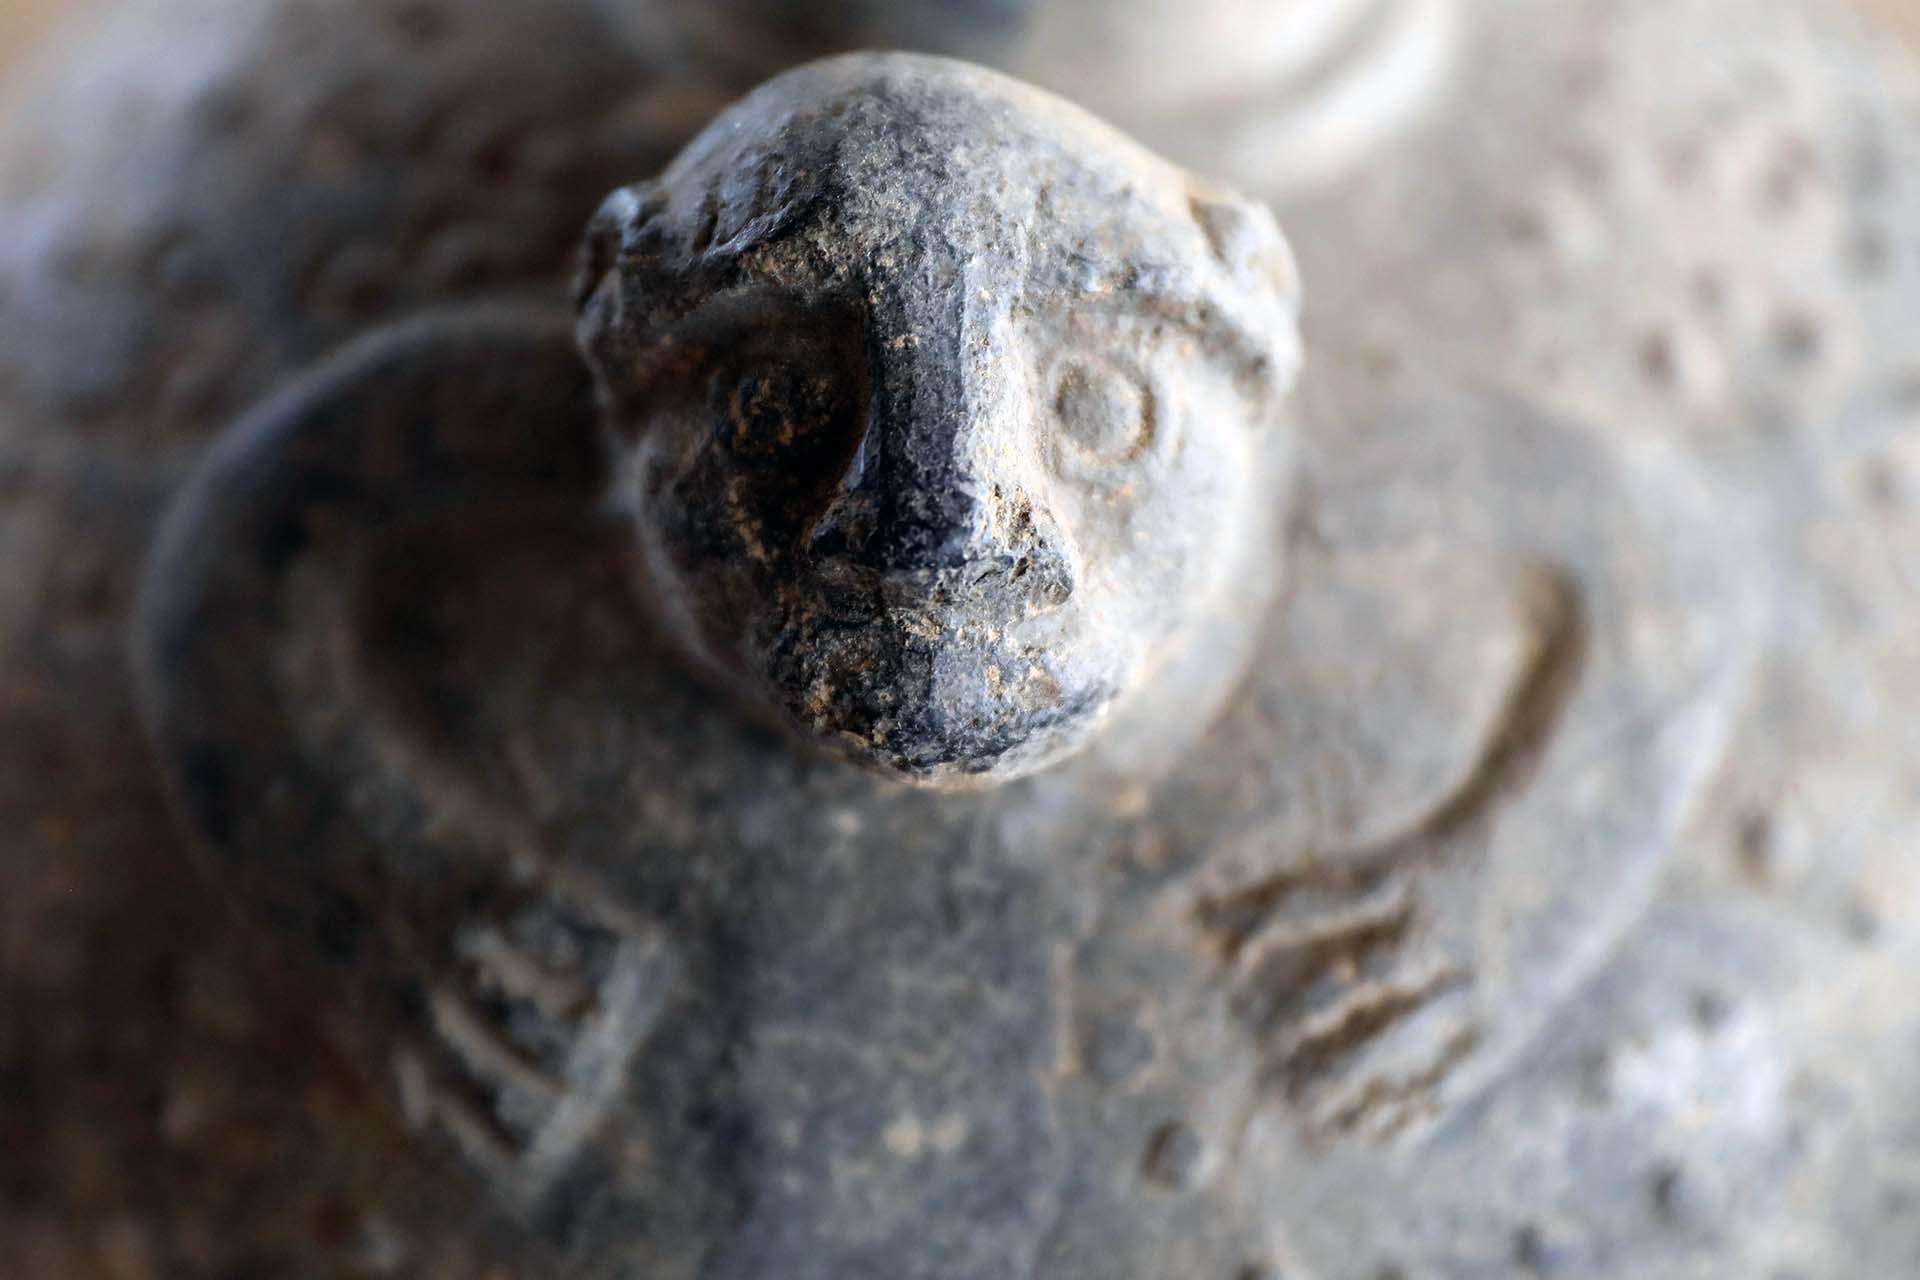 Algunas de las cerámicas están casi intactas y permiten observar con detalle la alfarería de Túcume, una fusión de arte lambayecano y Chimú, con jarros característicos por llevar en sus boquillas representaciones de cabezas, ya sea de hombres o de animales como el murciélago